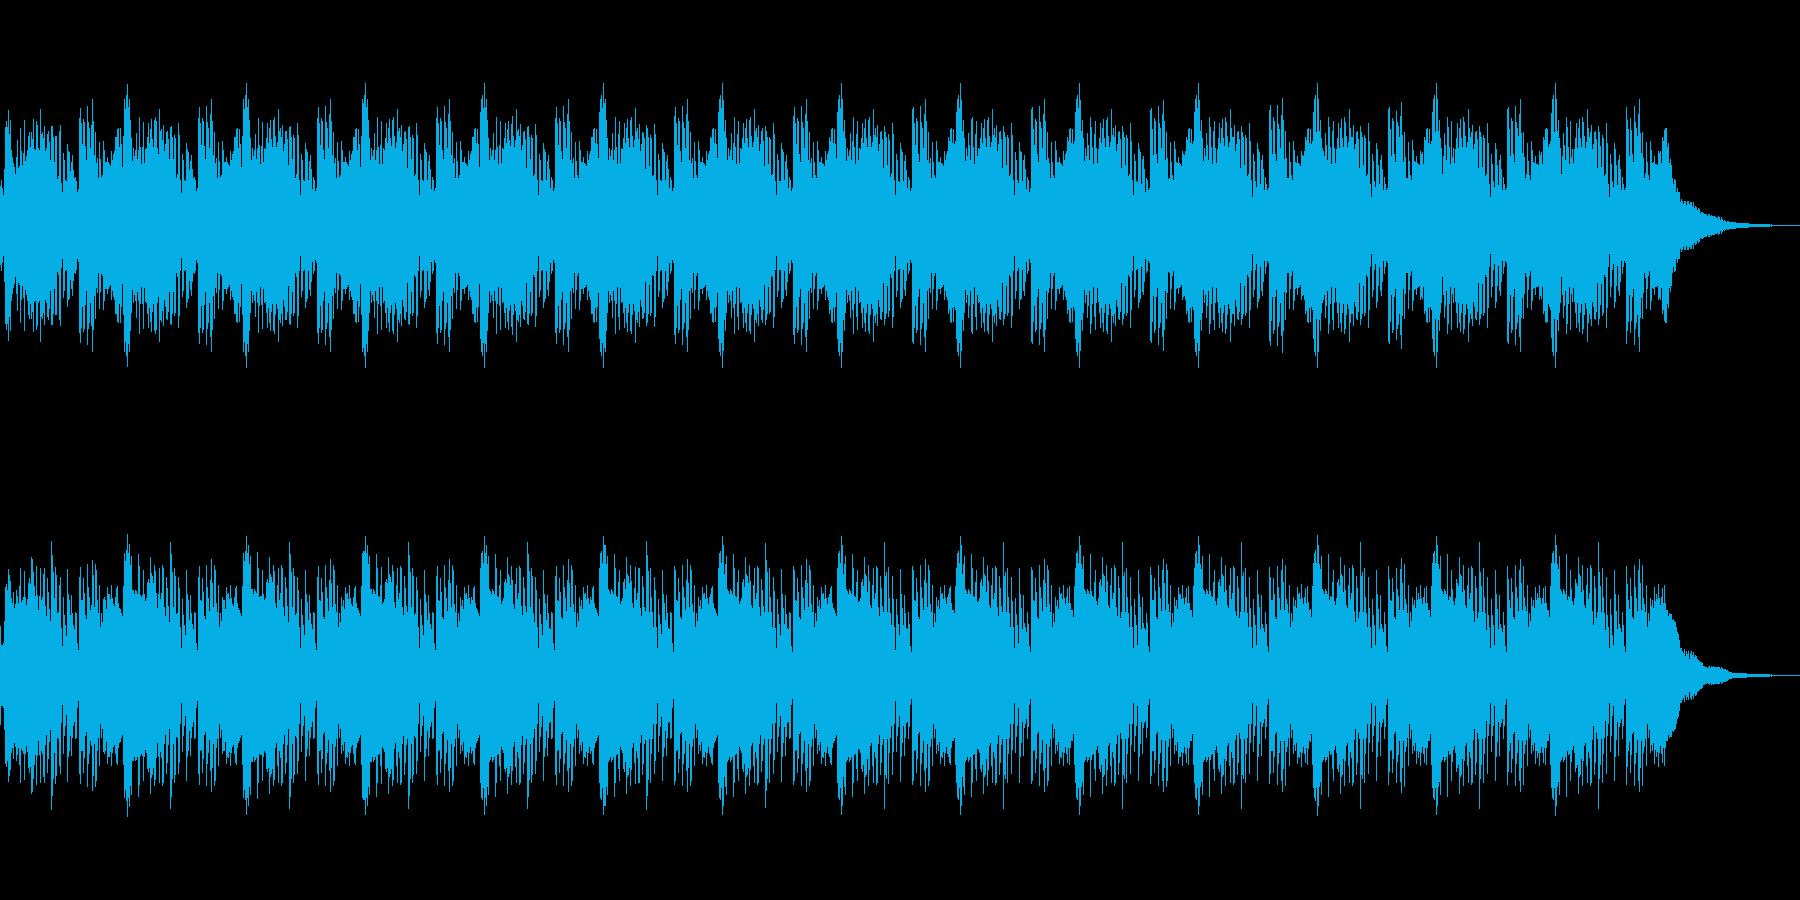 THEハープDE輝くクリスタル ドレミ の再生済みの波形